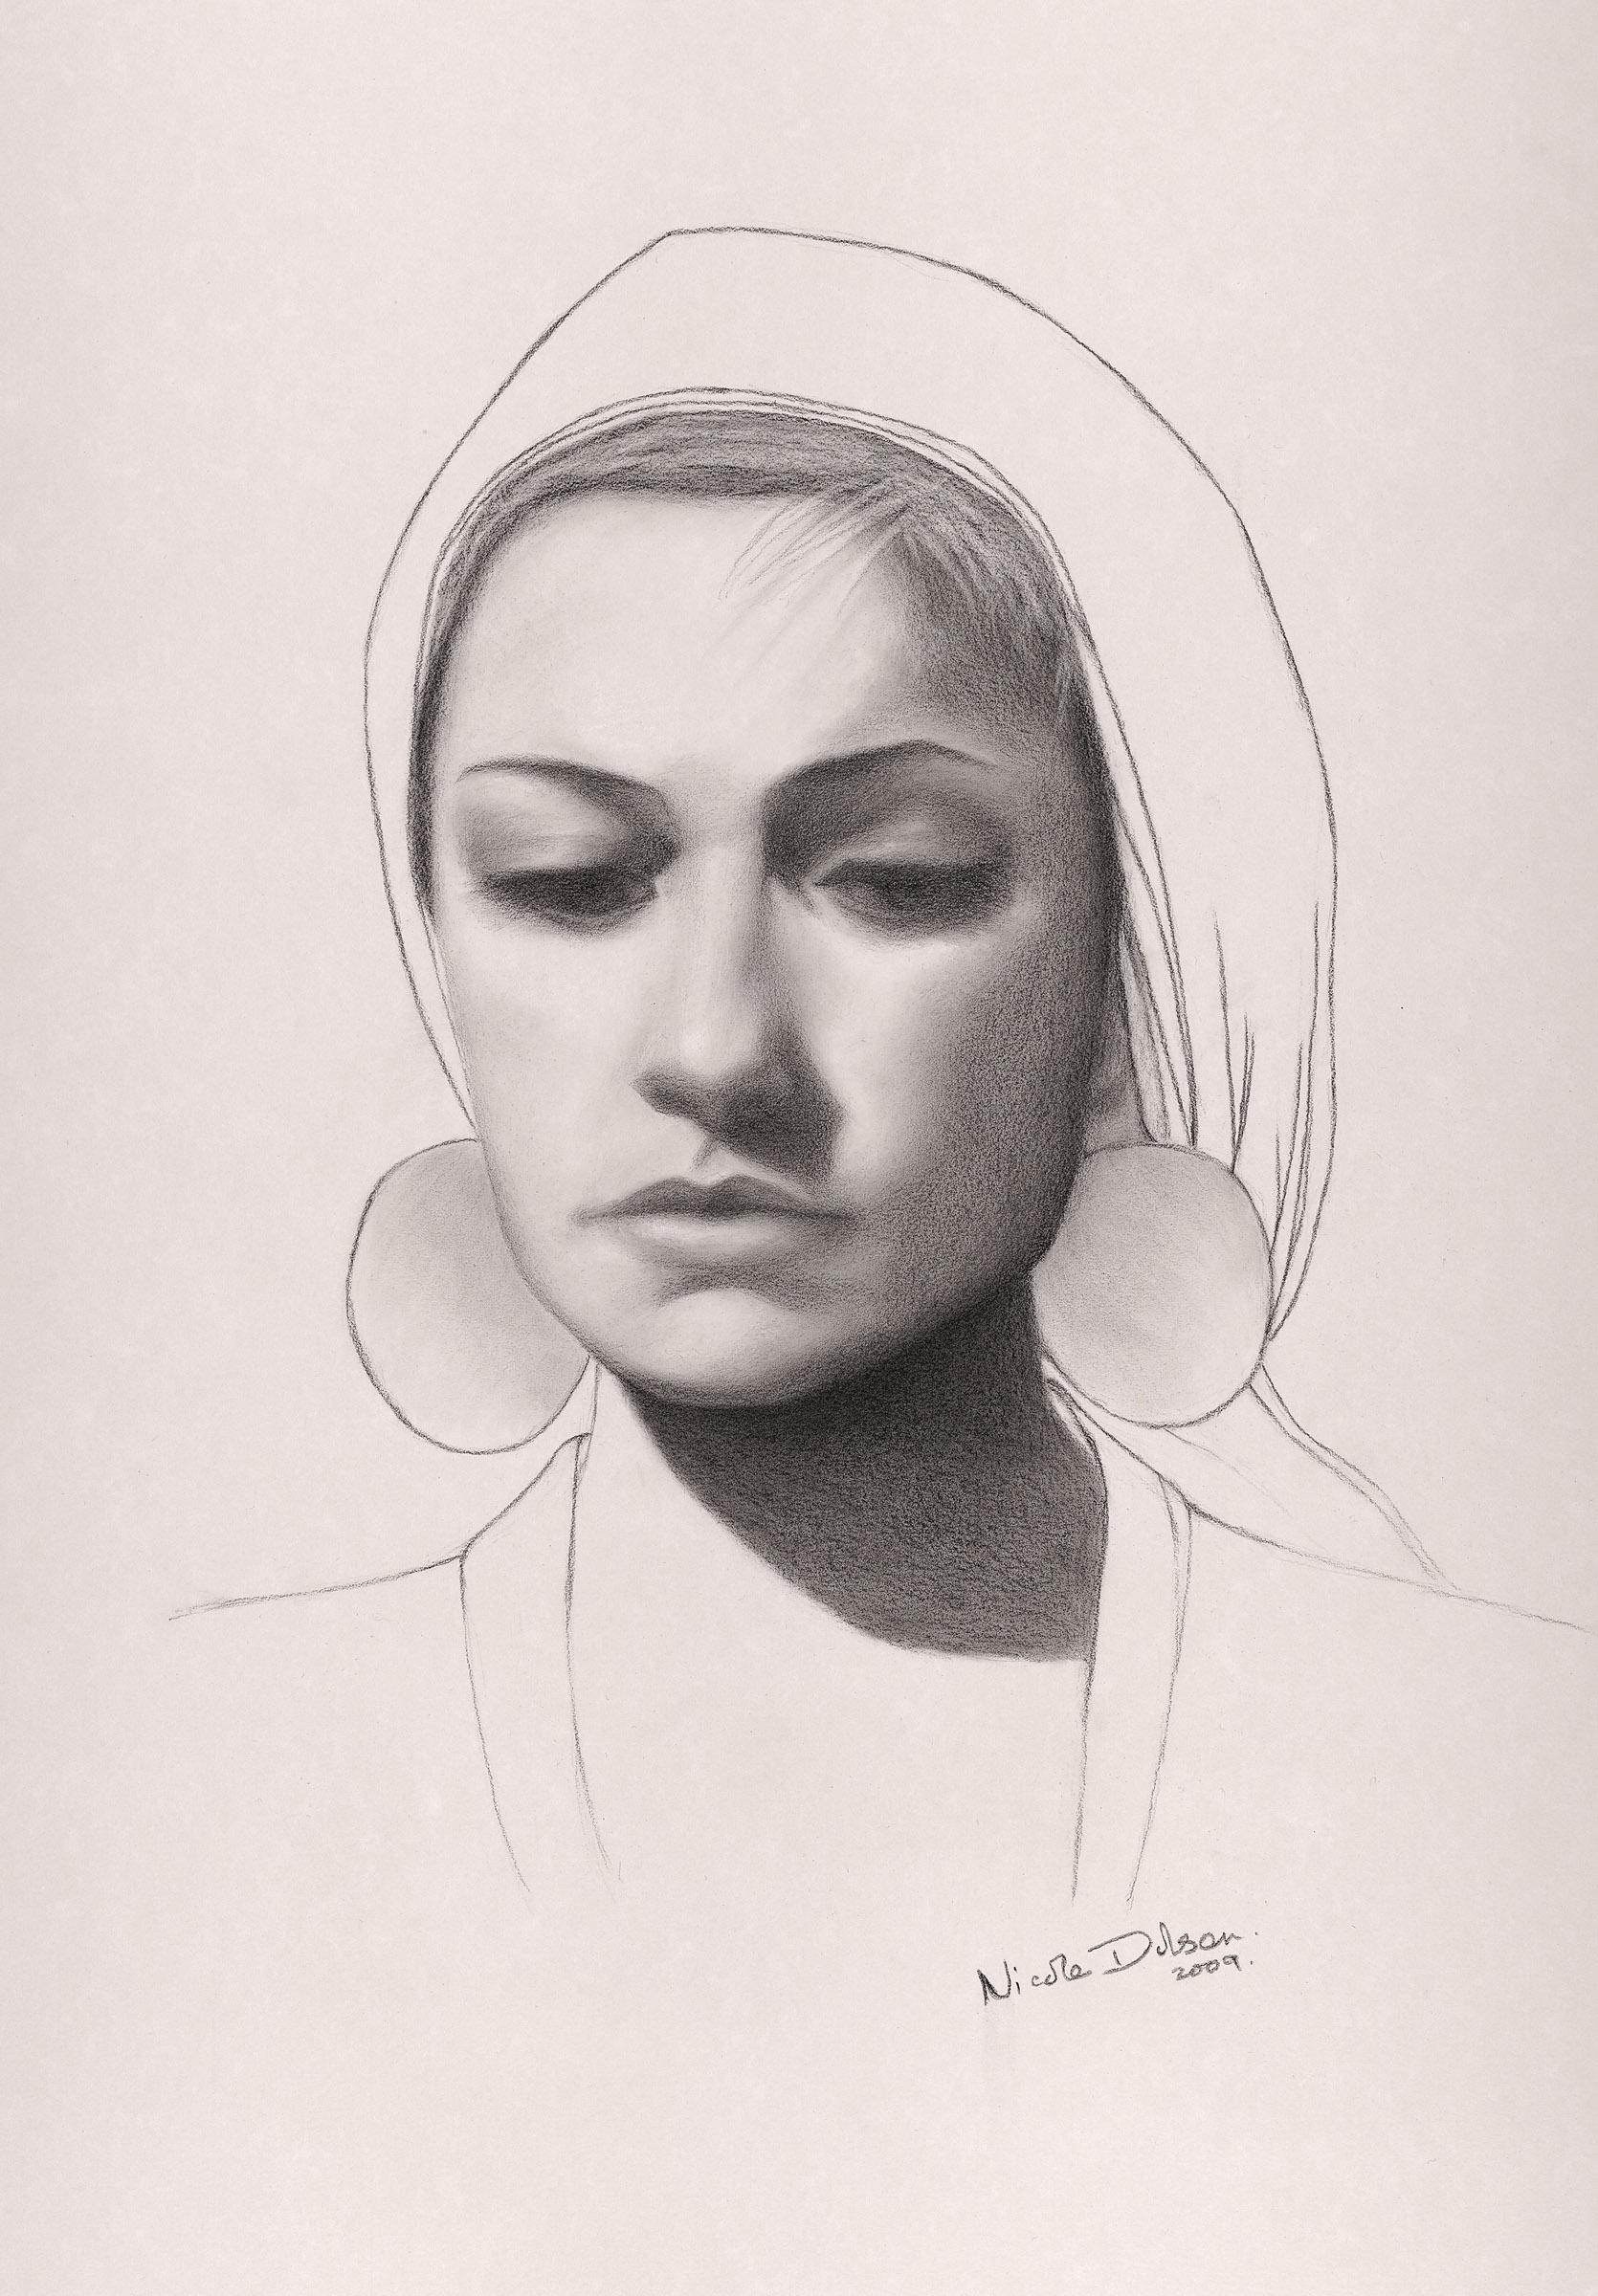 Nicole Dolson – Portrait of Jeanette – Graphite on Paper